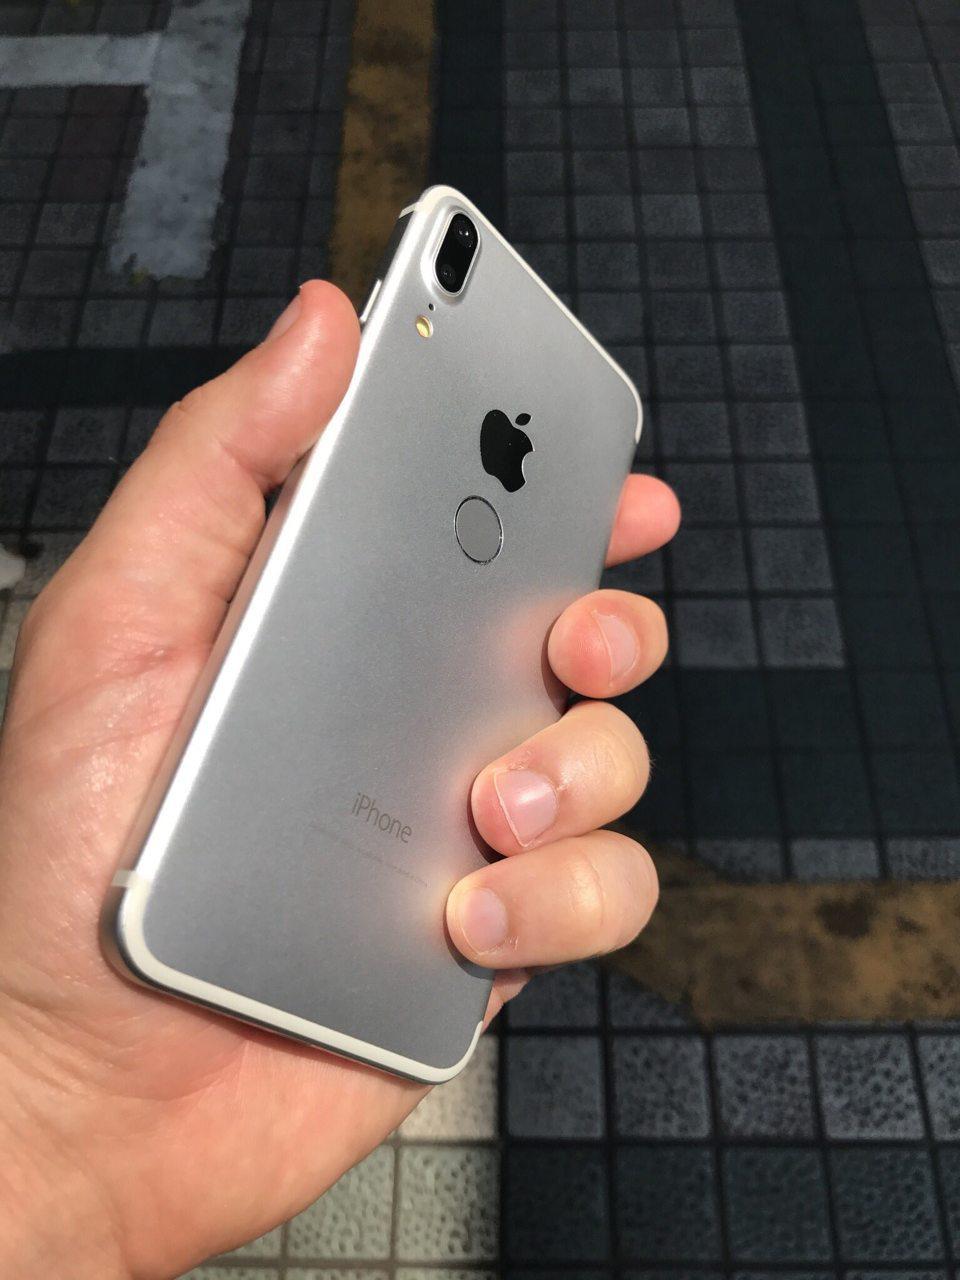 Вы бы купили себе такой iPhone 8? (фото+опрос)